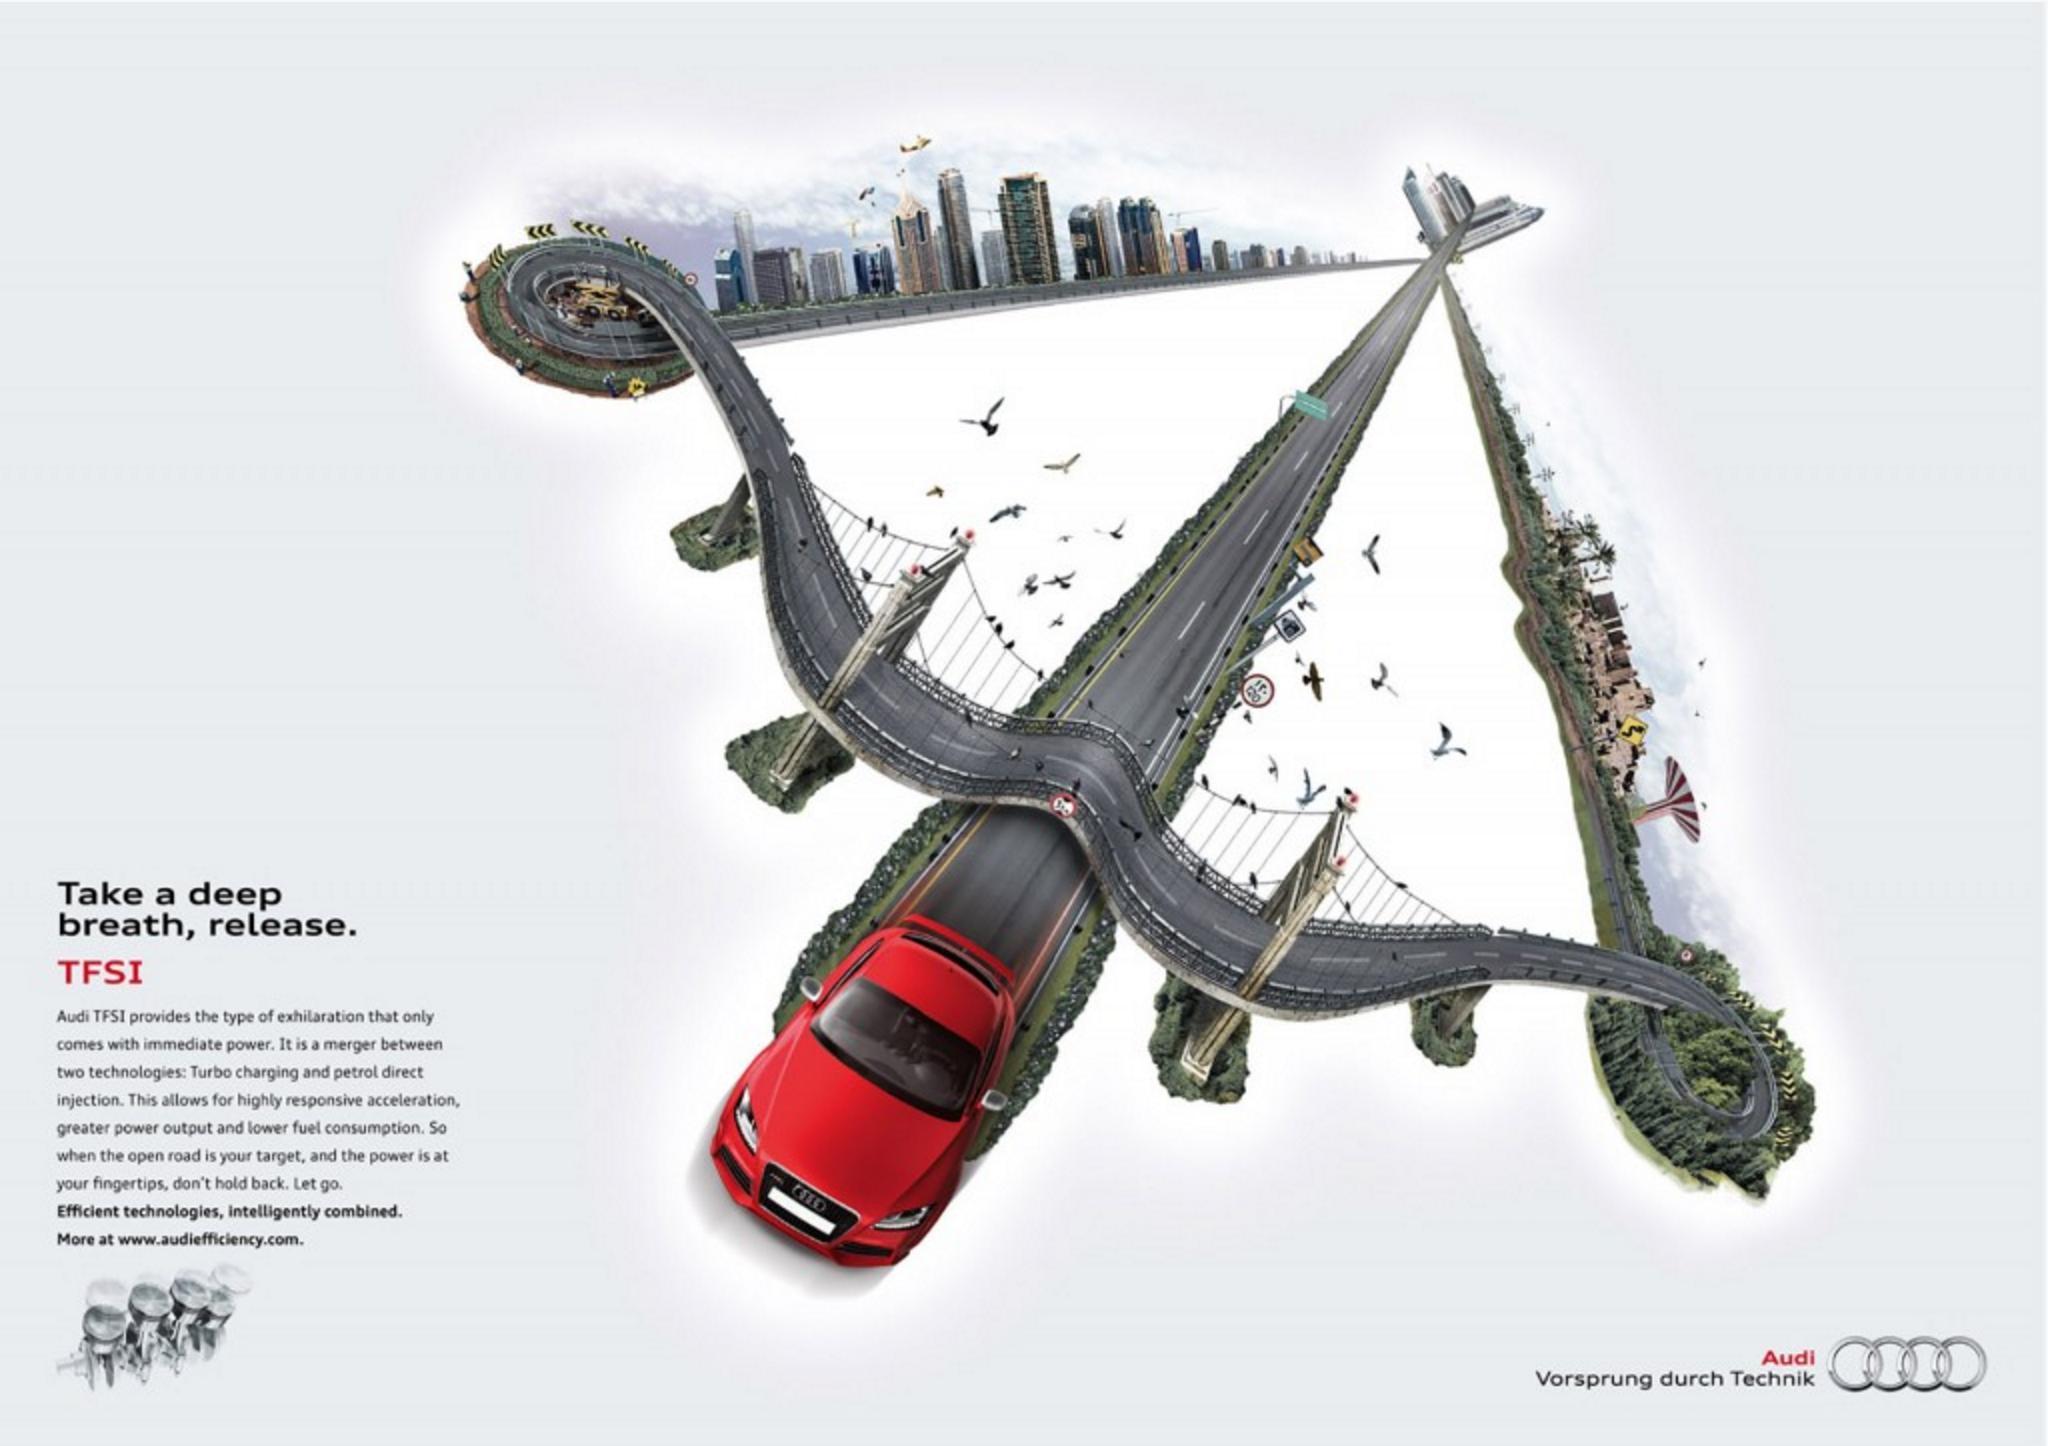 Audi – Efficiency (Bow and Arrow)